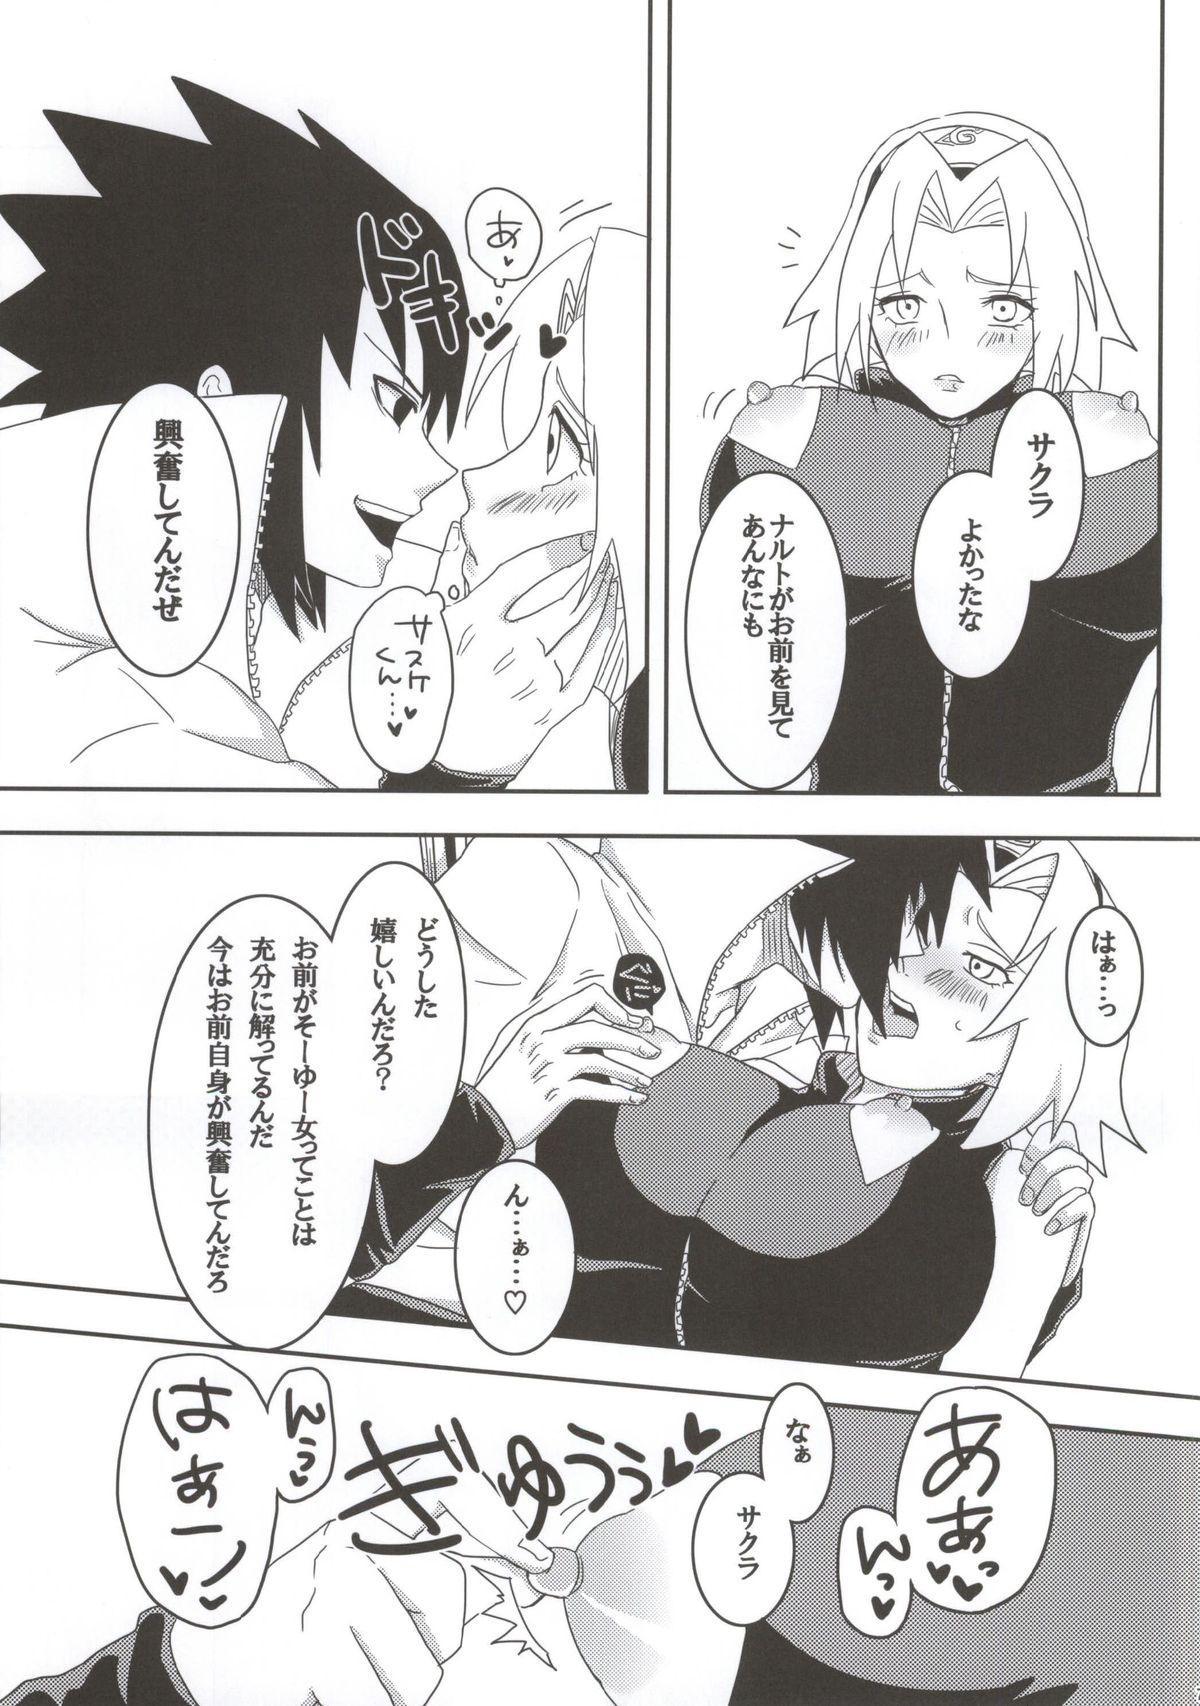 Shinobi no Kokoroe 6